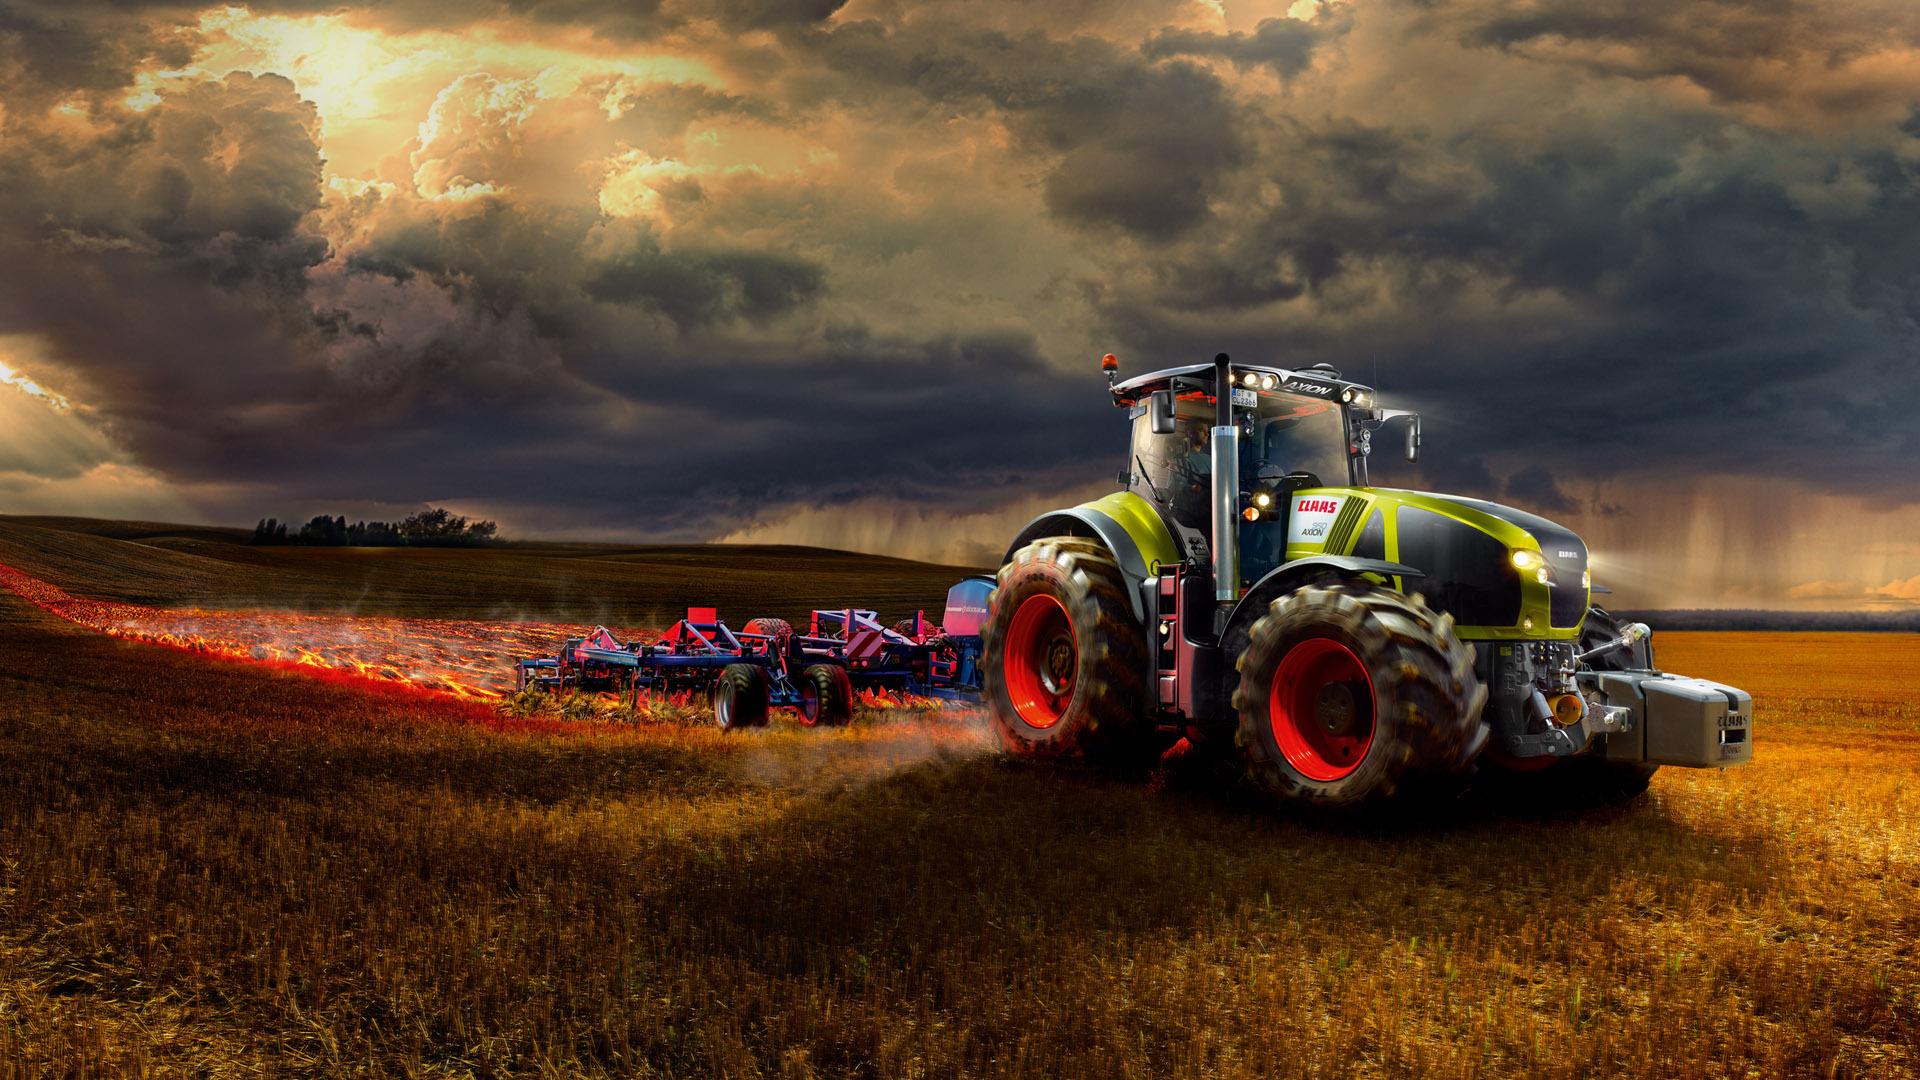 Farm Tractor Wallpaper Claas Axion 900 Tractor Farm